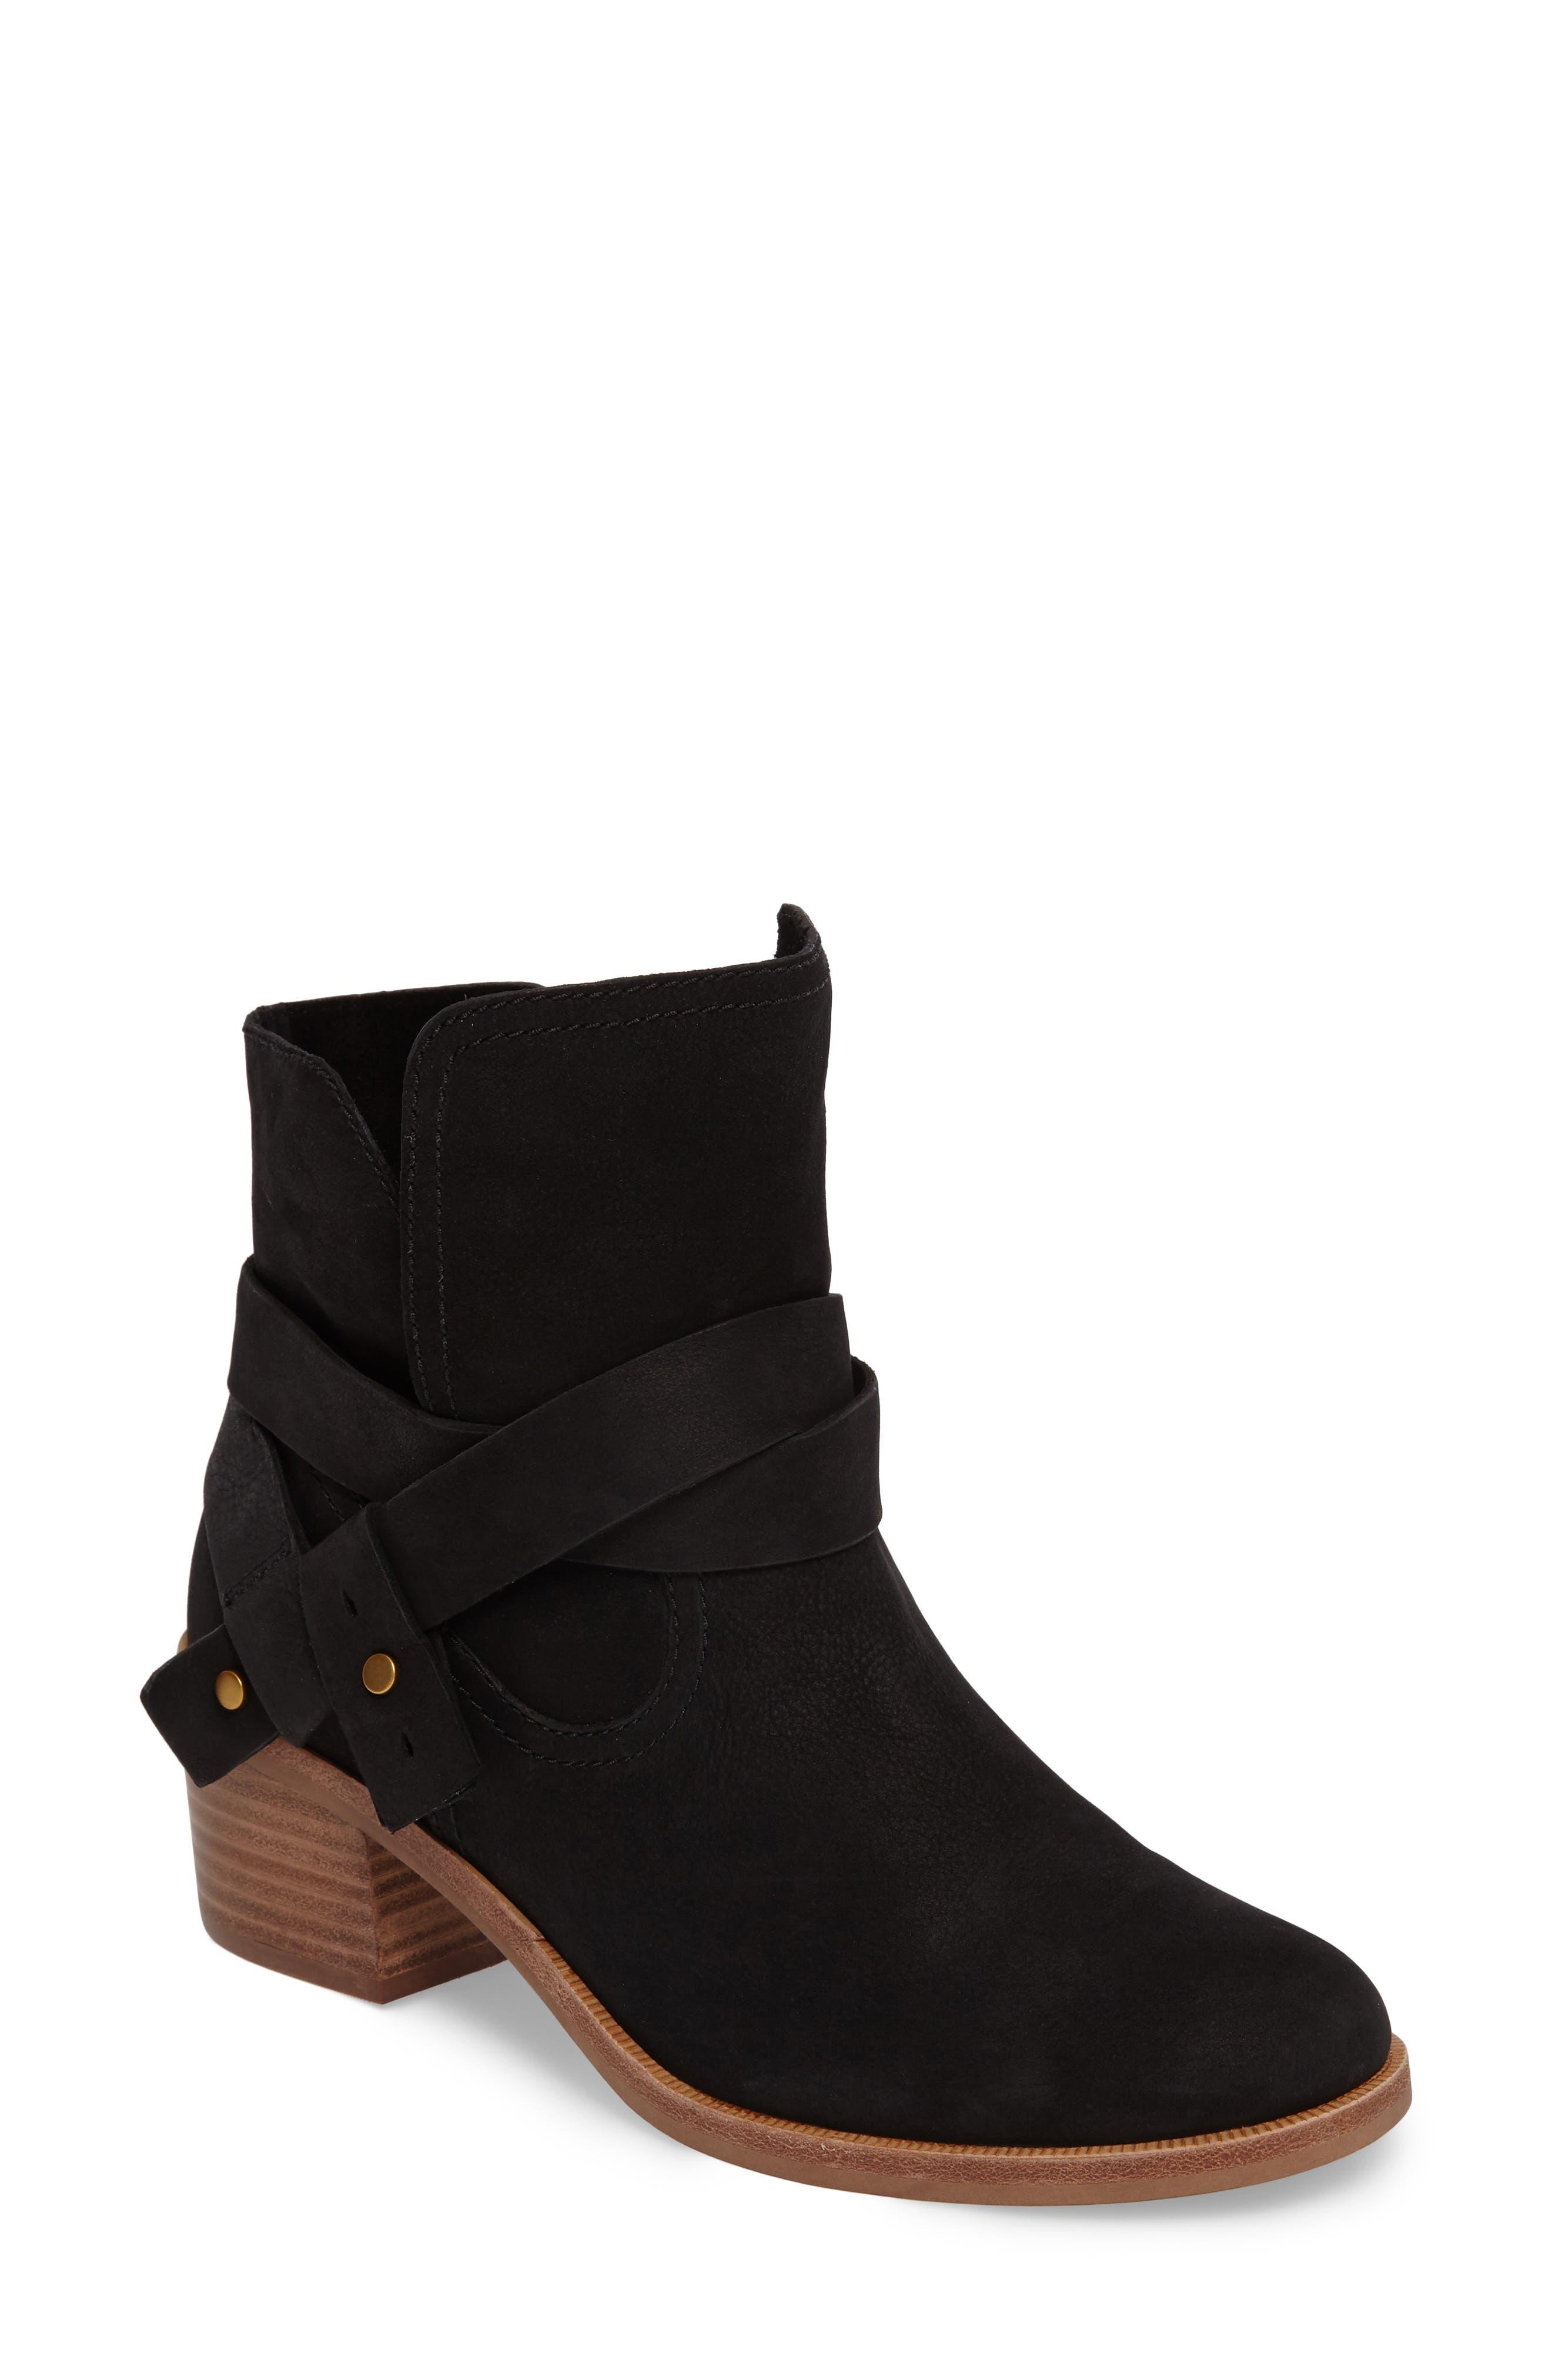 Elora Bootie,                         Main,                         color, Black Nubuck Leather